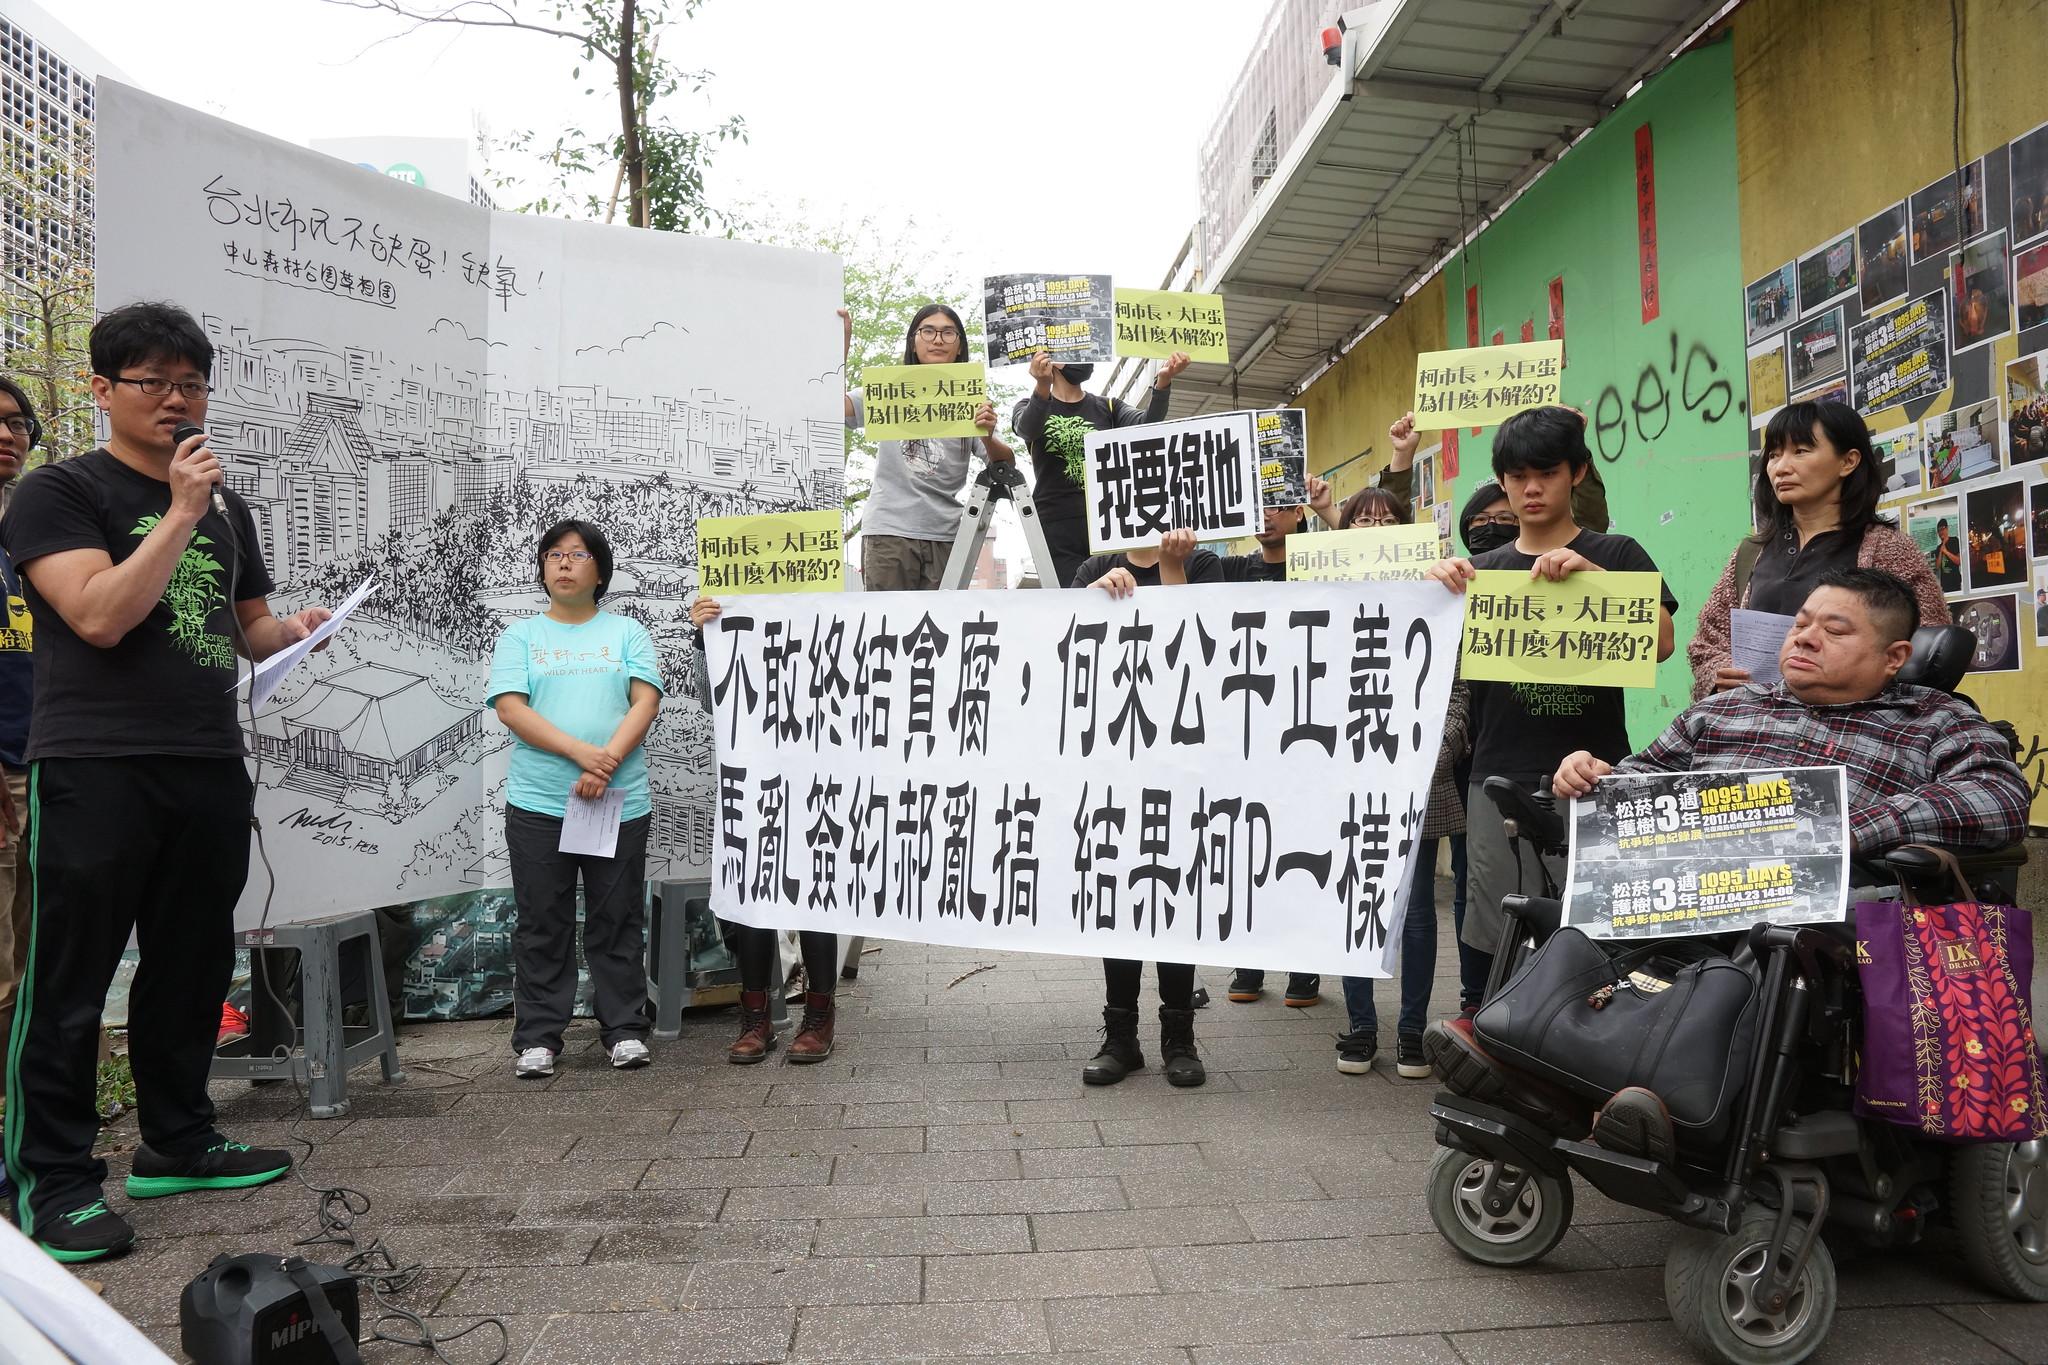 環團在松菸帳篷旁召開記者會,展示抗爭三年的諸多抗爭文物。(攝影:王顥中)